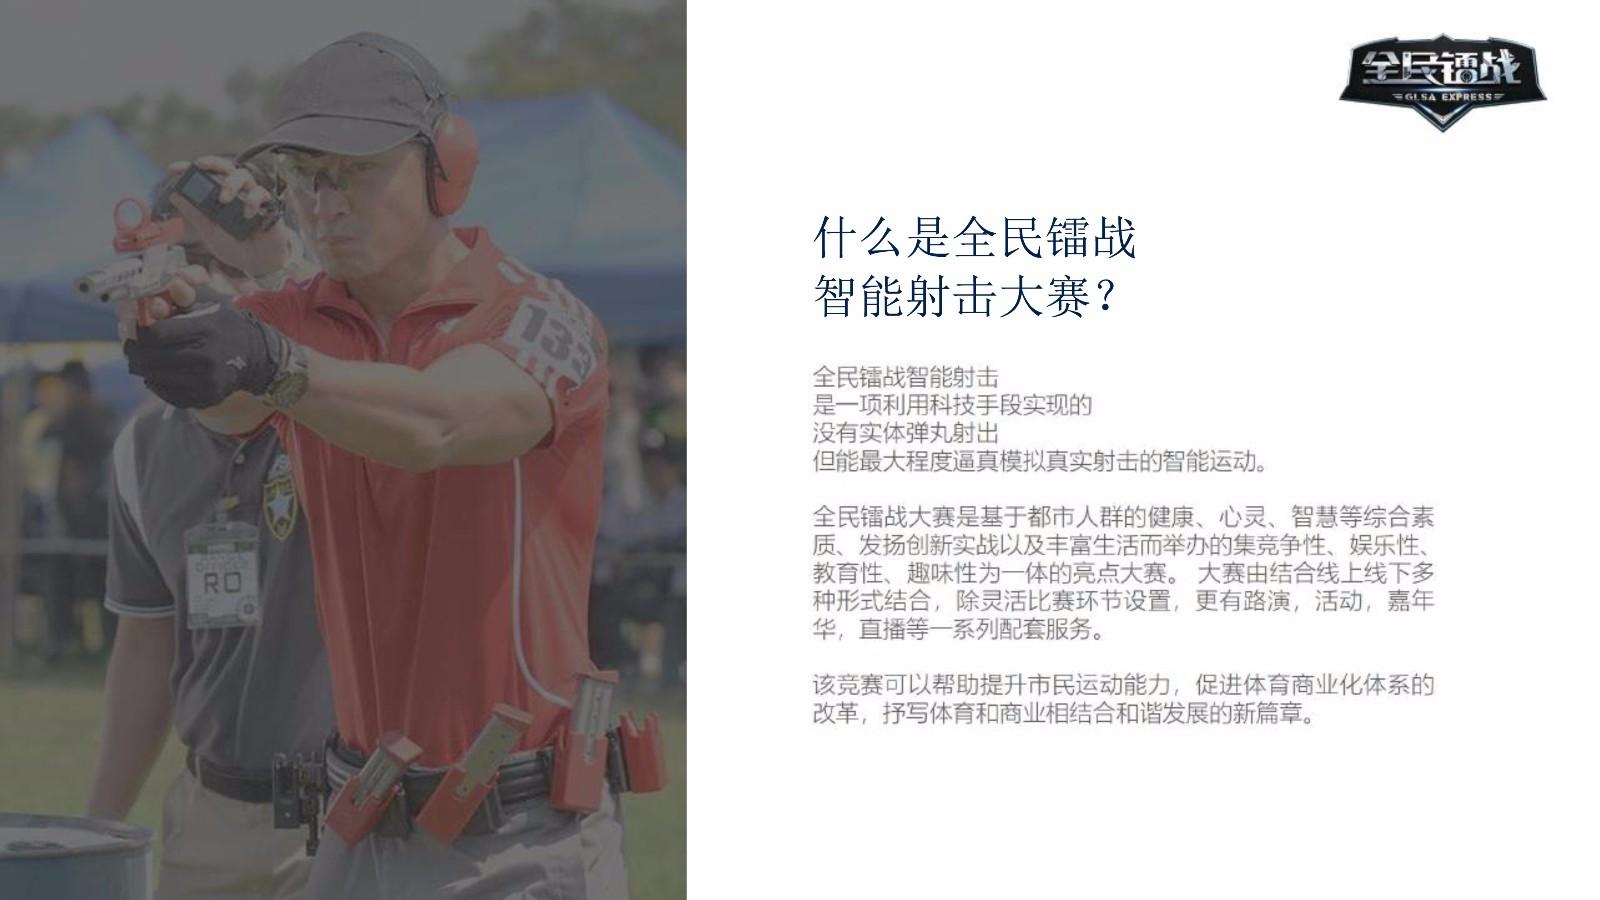 全民镭战射击大赛2018-亲子赛(2)-8.jpg